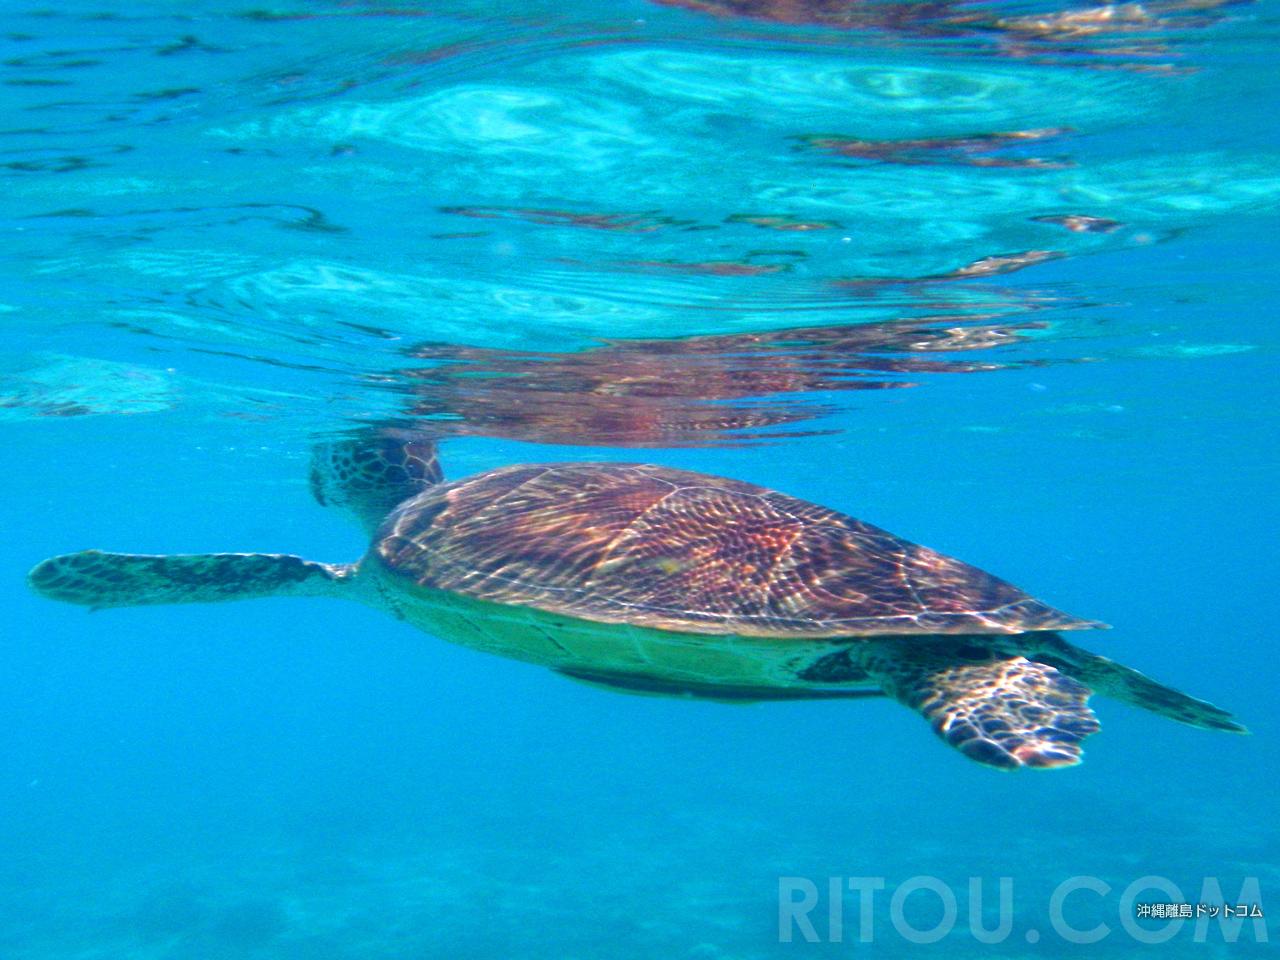 一緒に泳ごう!慶良間のウミガメに逢えるビーチ3選